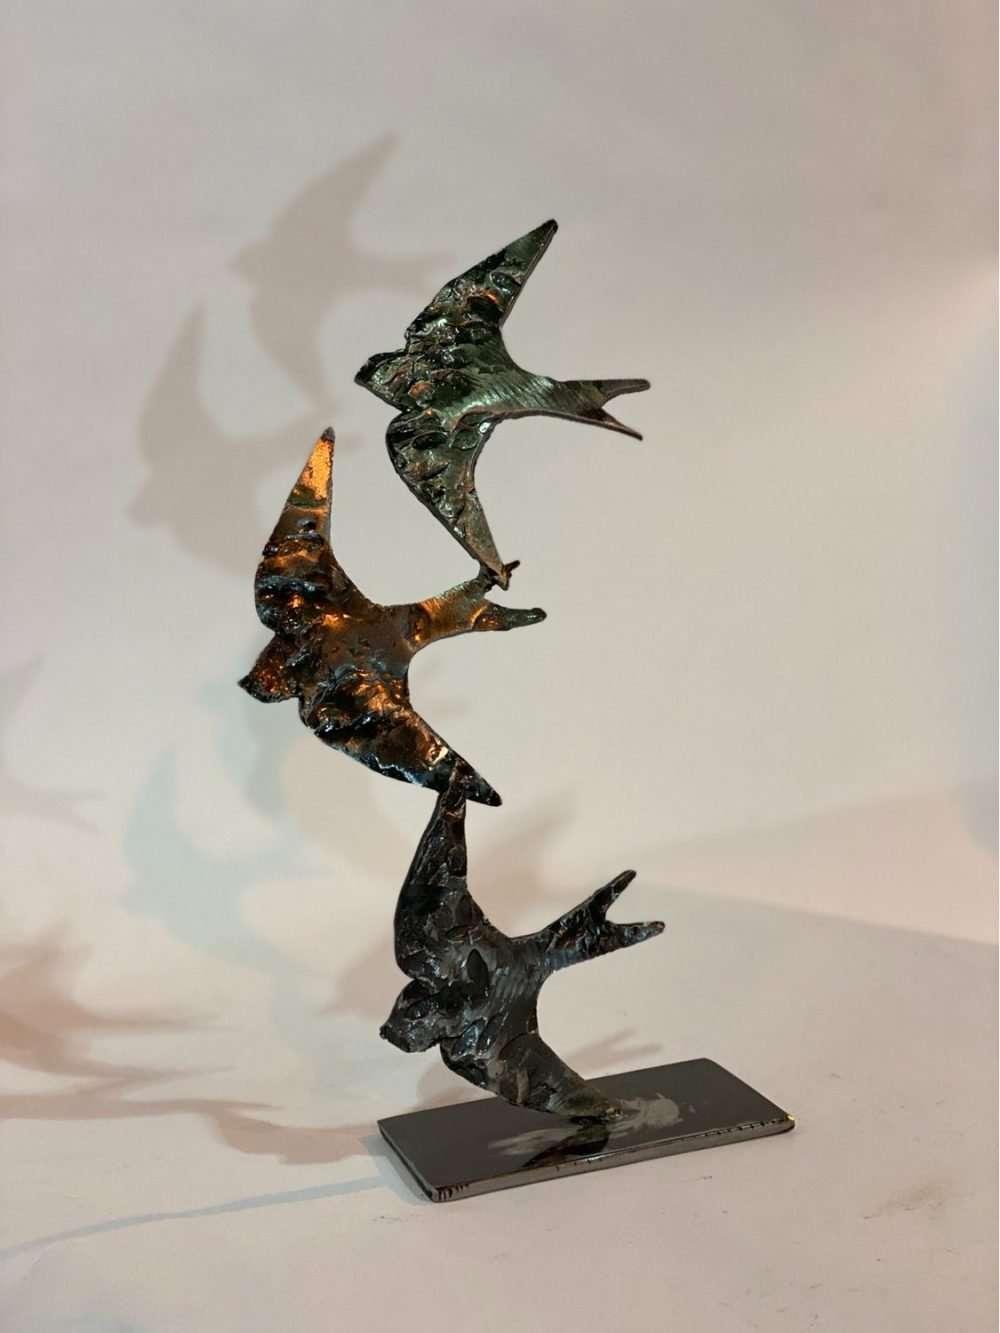 Swifts in Flight in Gallery